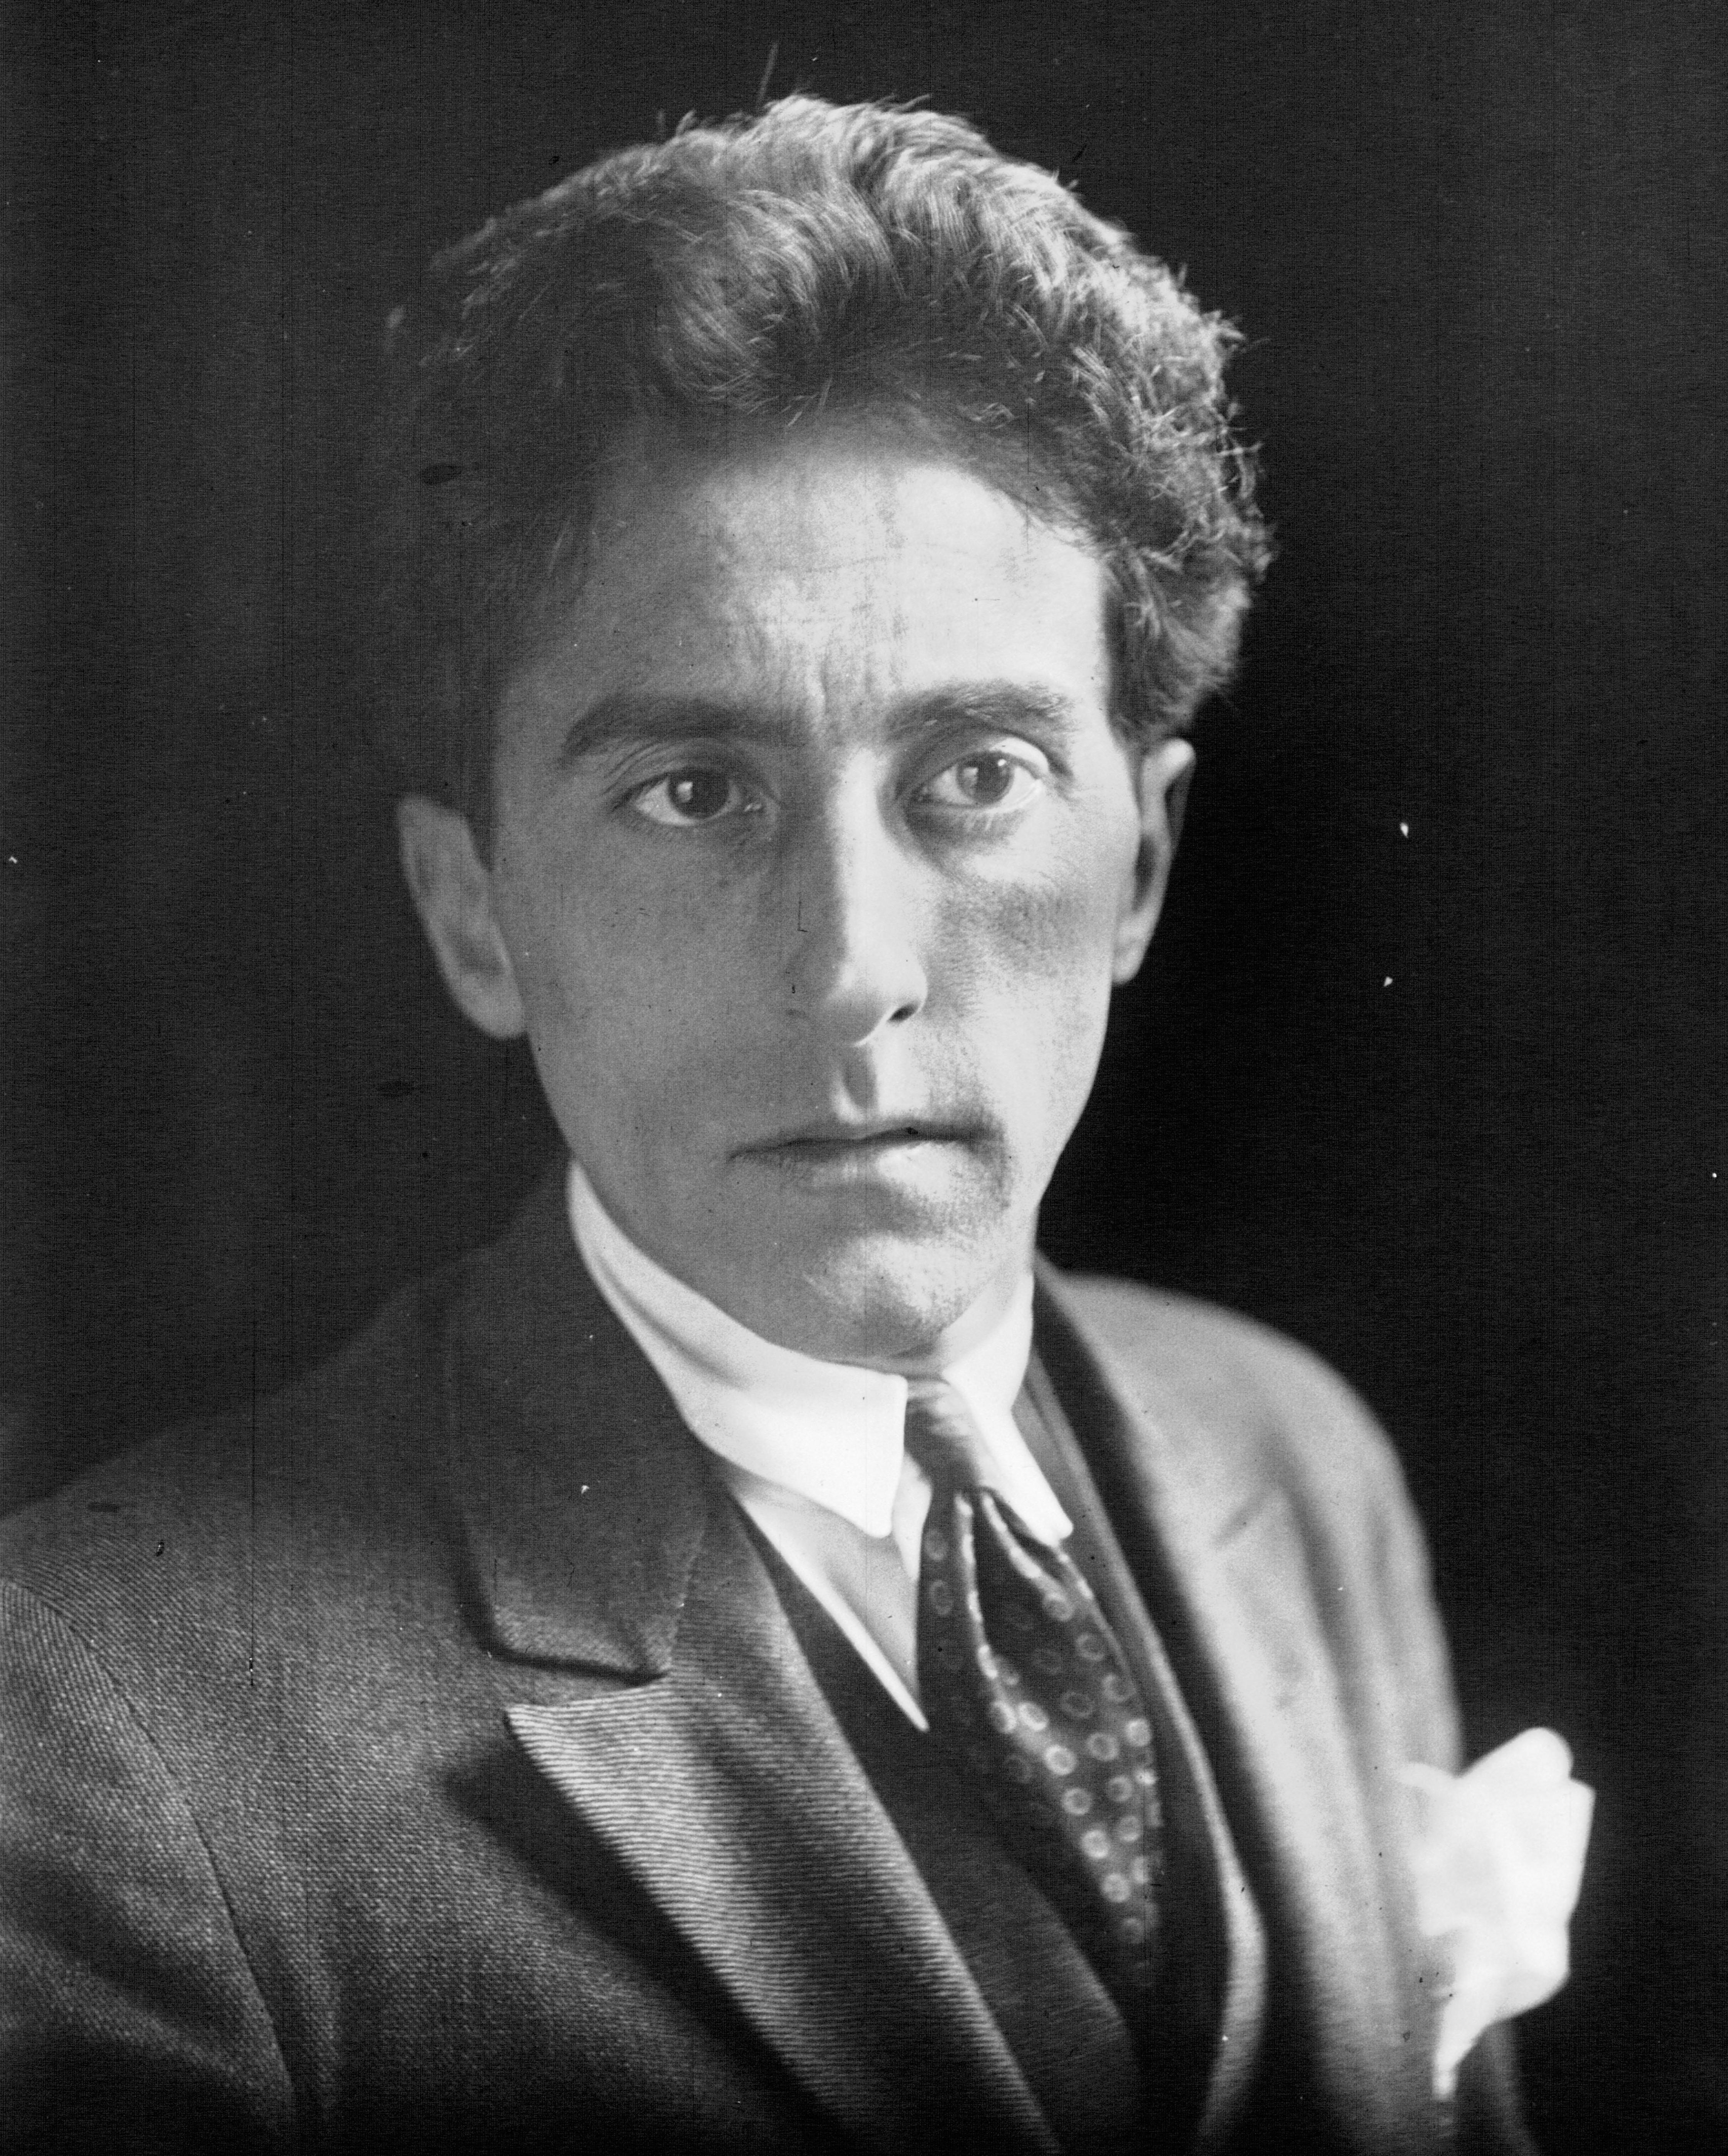 Fichier:Cocteau 1923.jpg